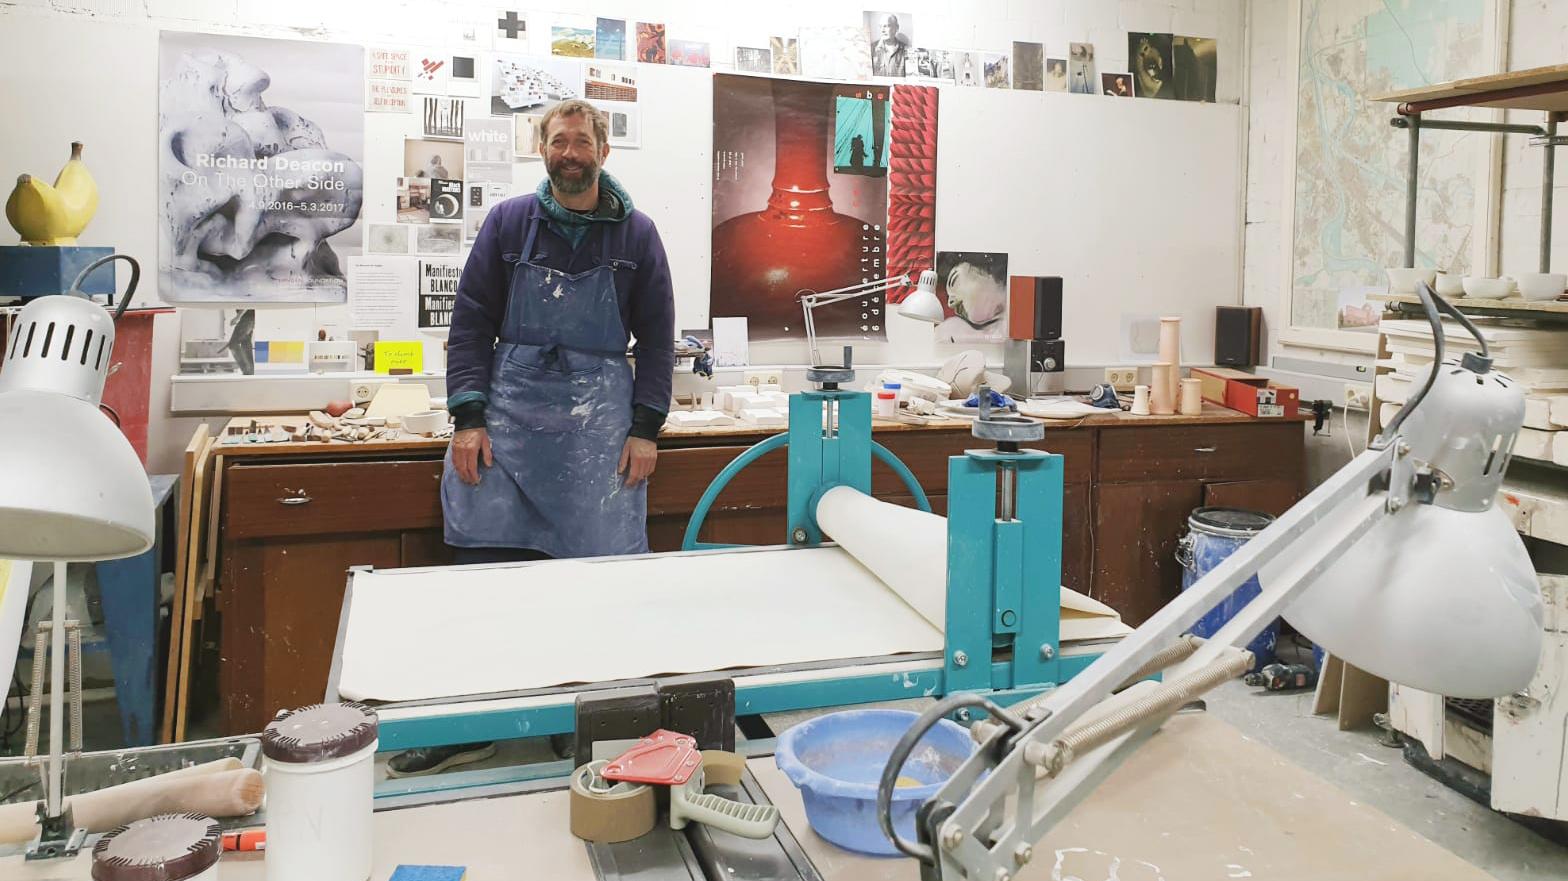 Der Porzellankünstler Emmanuel Boos im Atelier